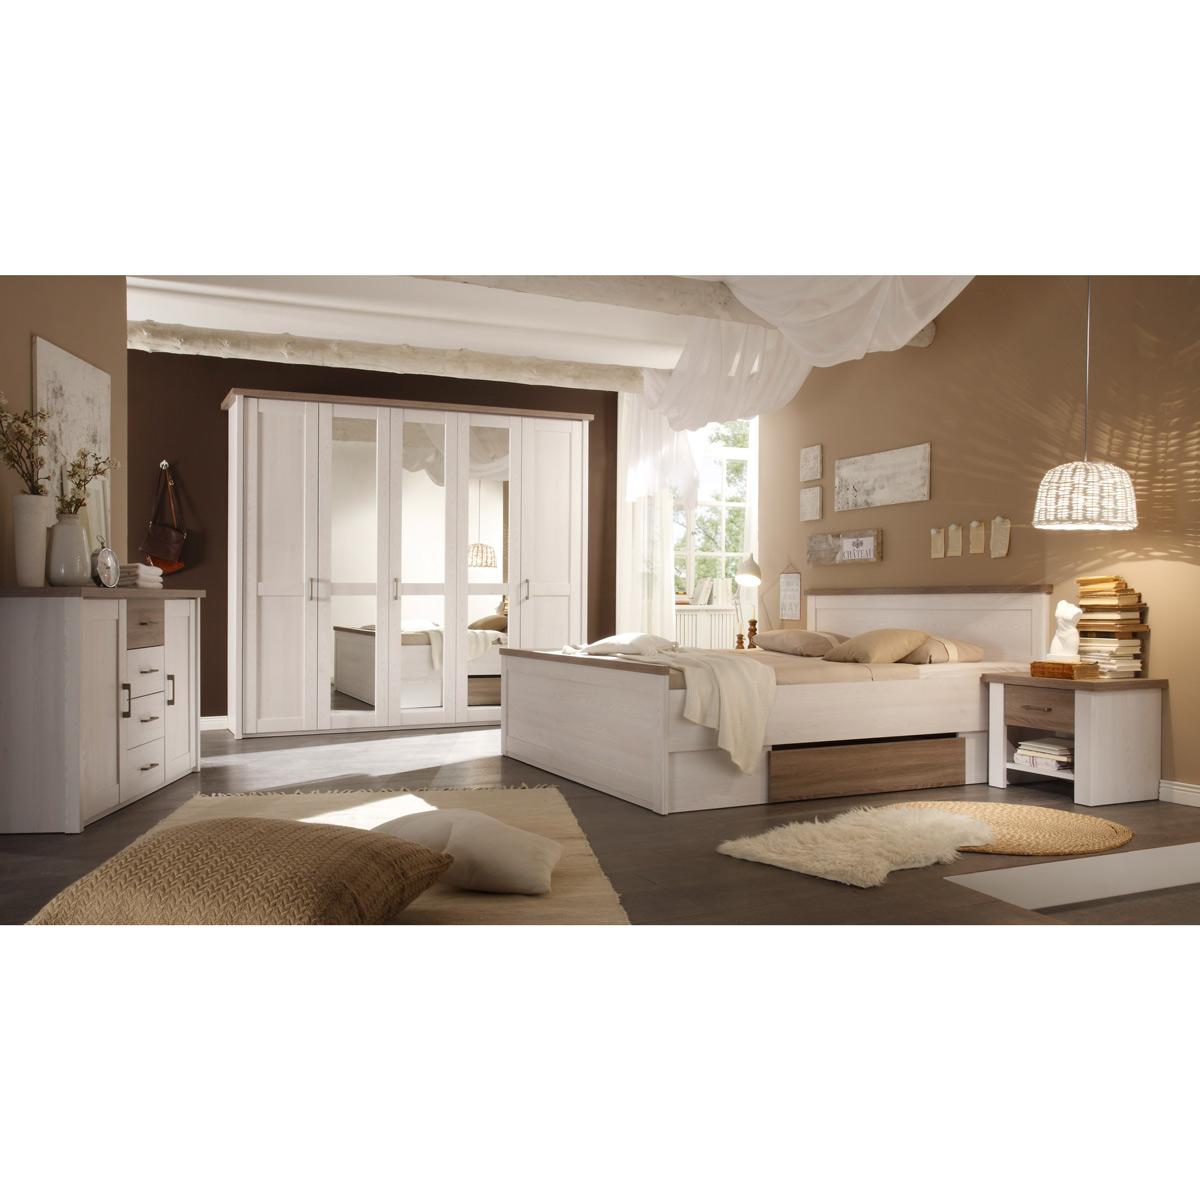 Schlafzimmer Landhausstil Pinie Weiß Nachbildung mit Absetzung in Trüffel